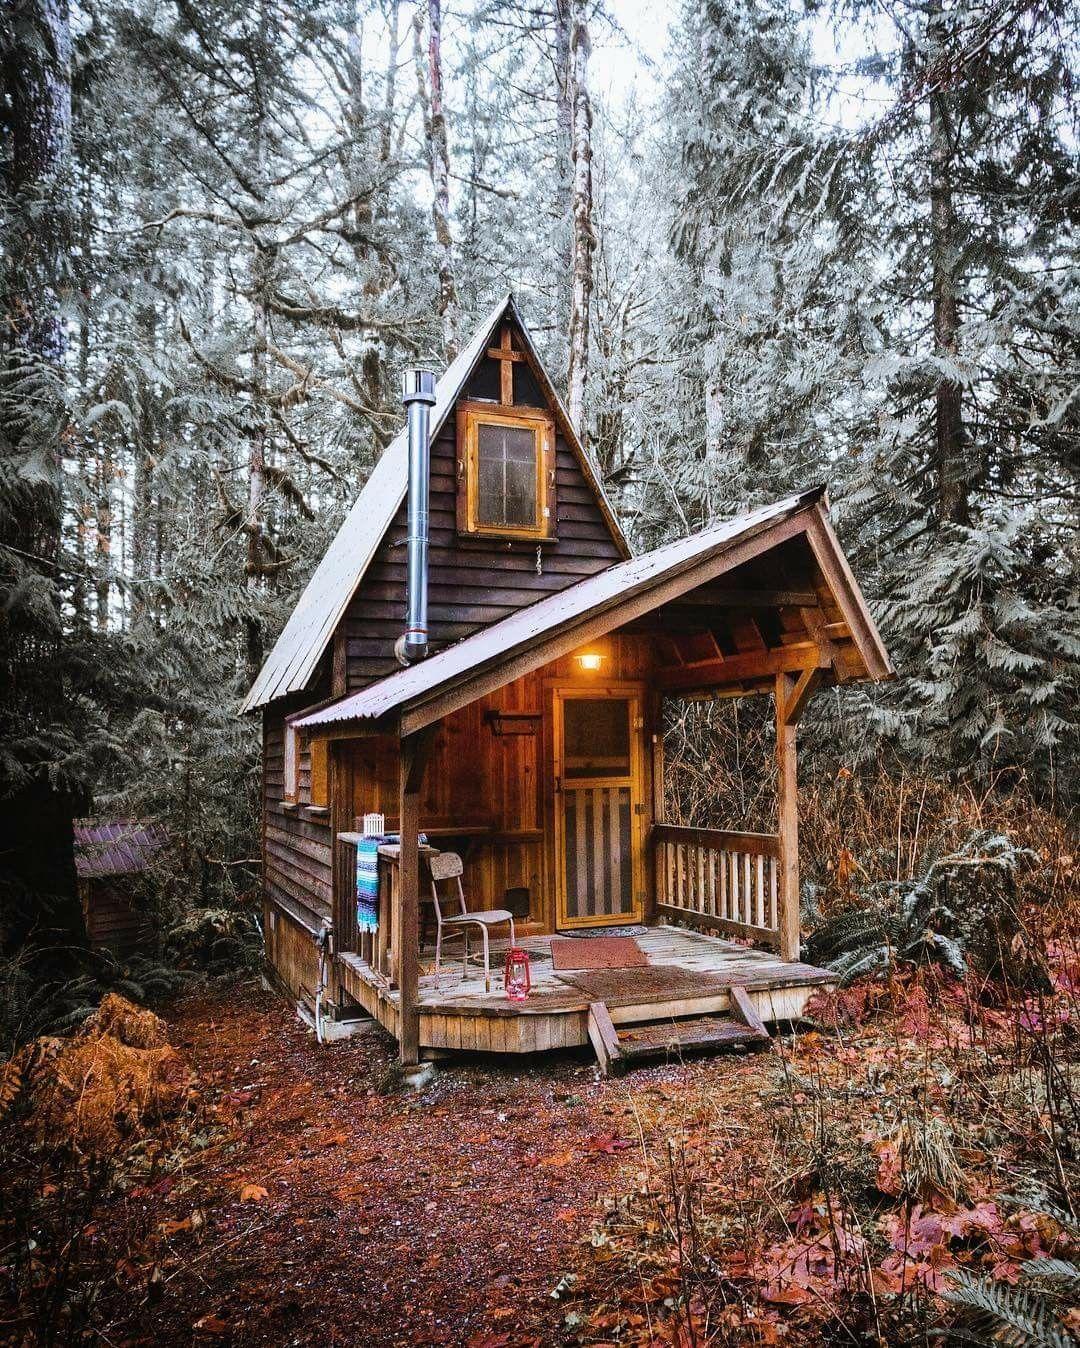 картинка дом маленький и уютный общем, всё